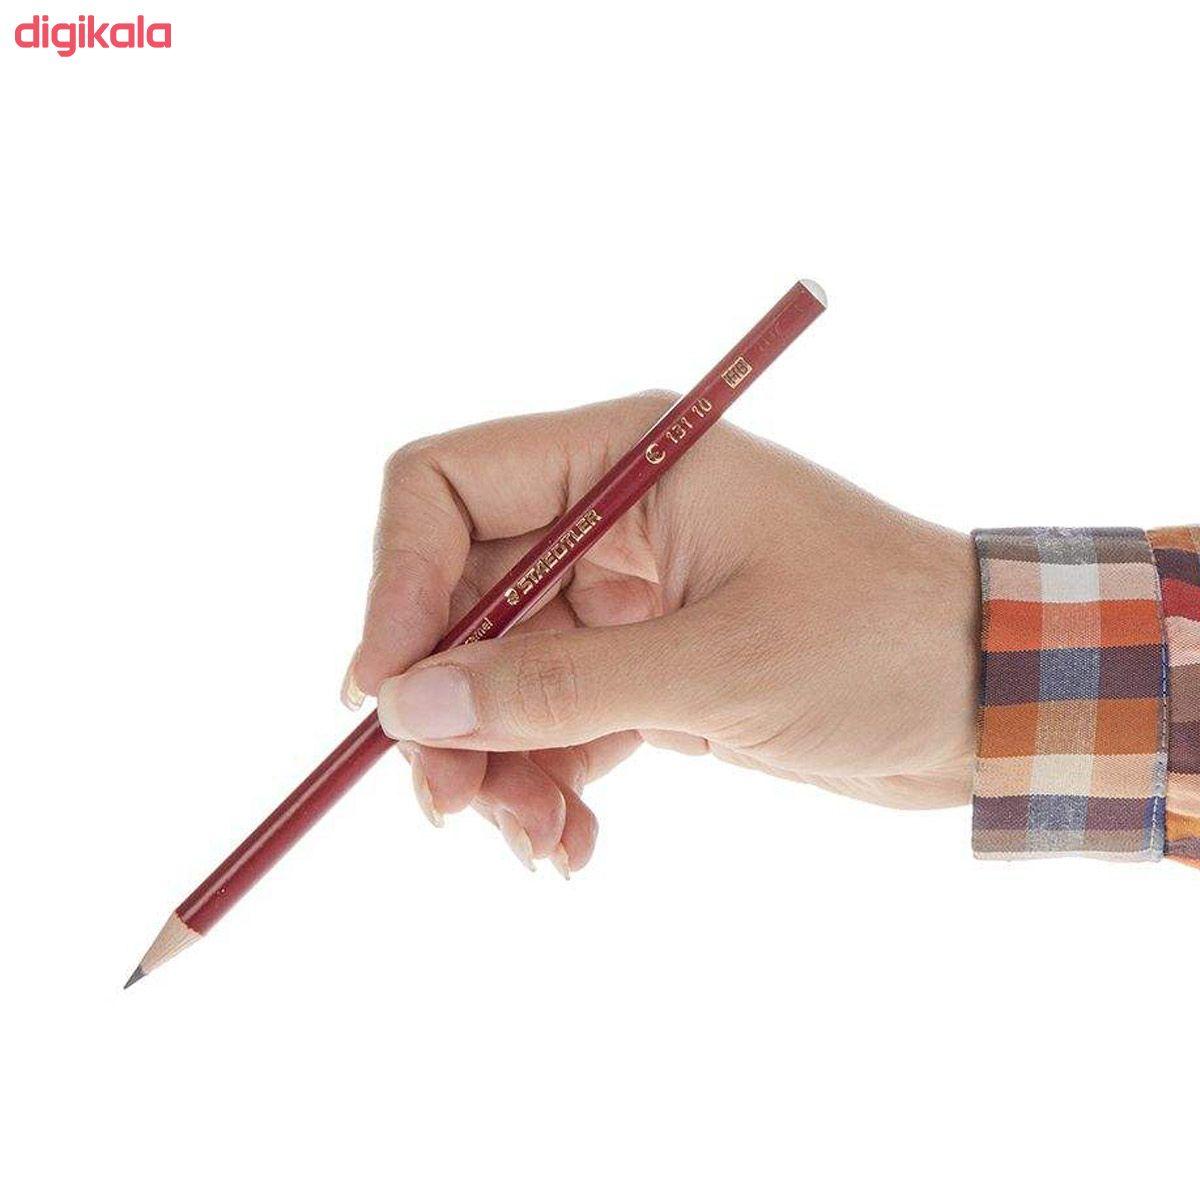 مداد مشکی استدلر مدل Camel کد 10 131 بسته 3 عددی  main 1 3